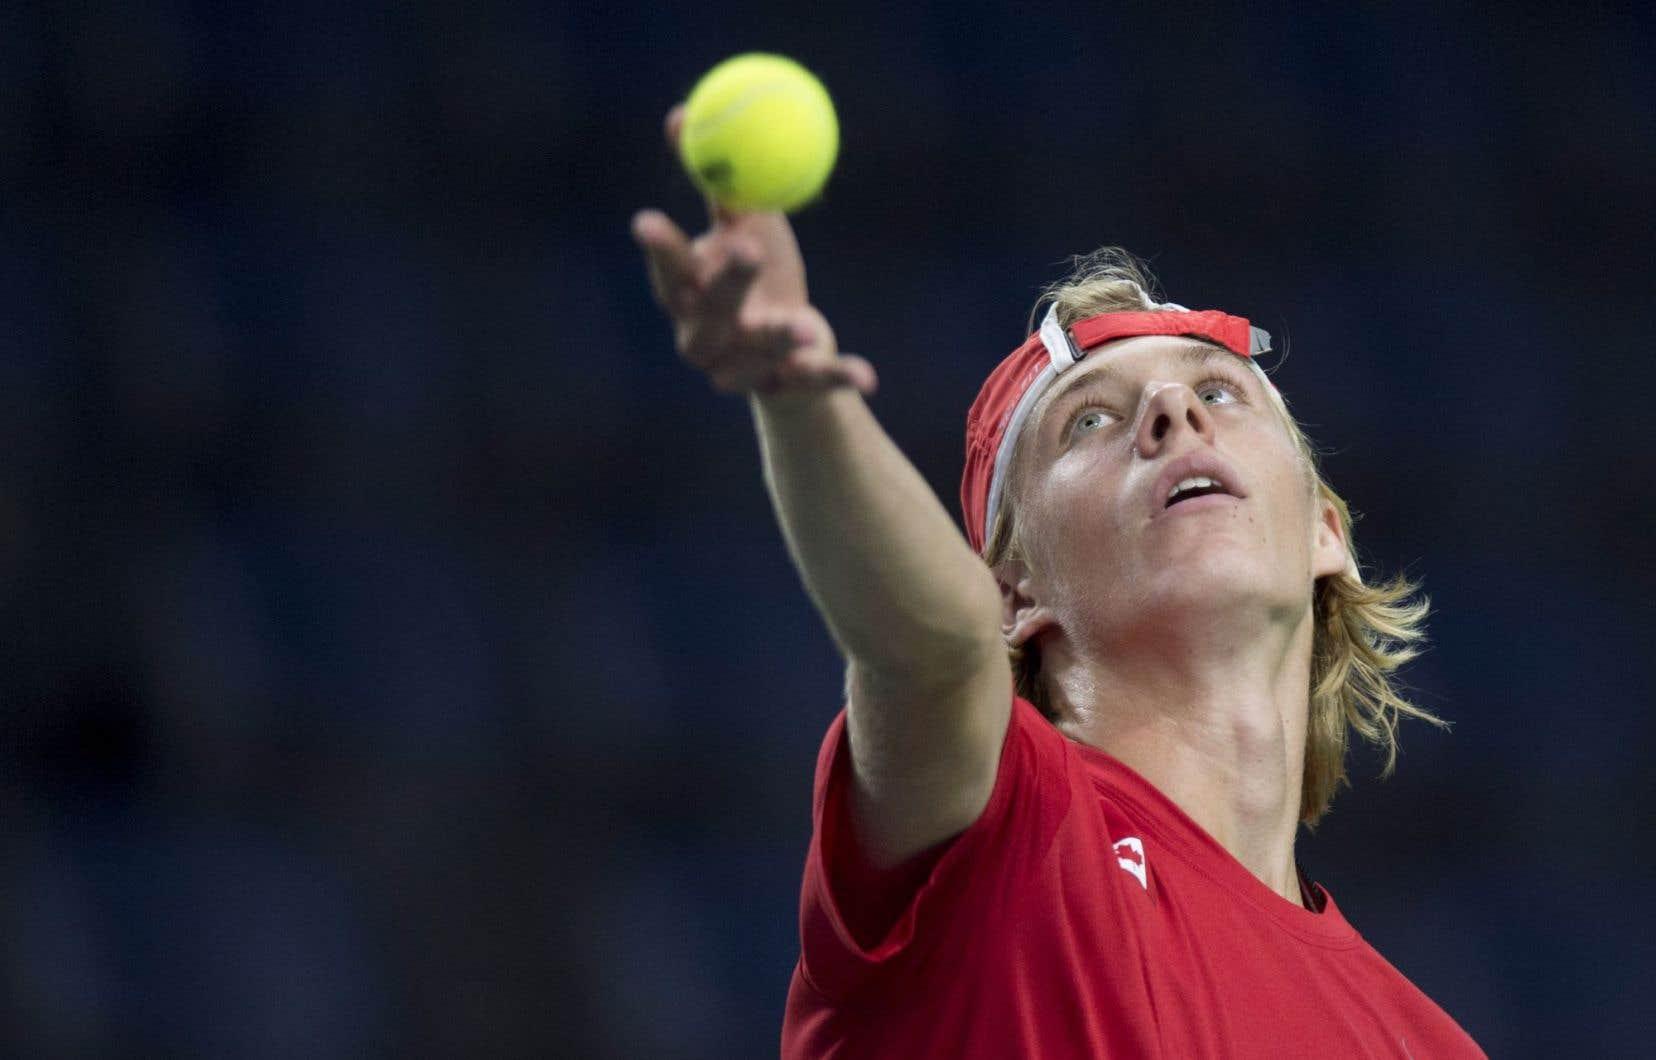 Le Canadien Denis Shapovalov, âgé de seulement 17 ans, s'est vu offrir la chance de disputer un premier match en carrière en Coupe Davis.